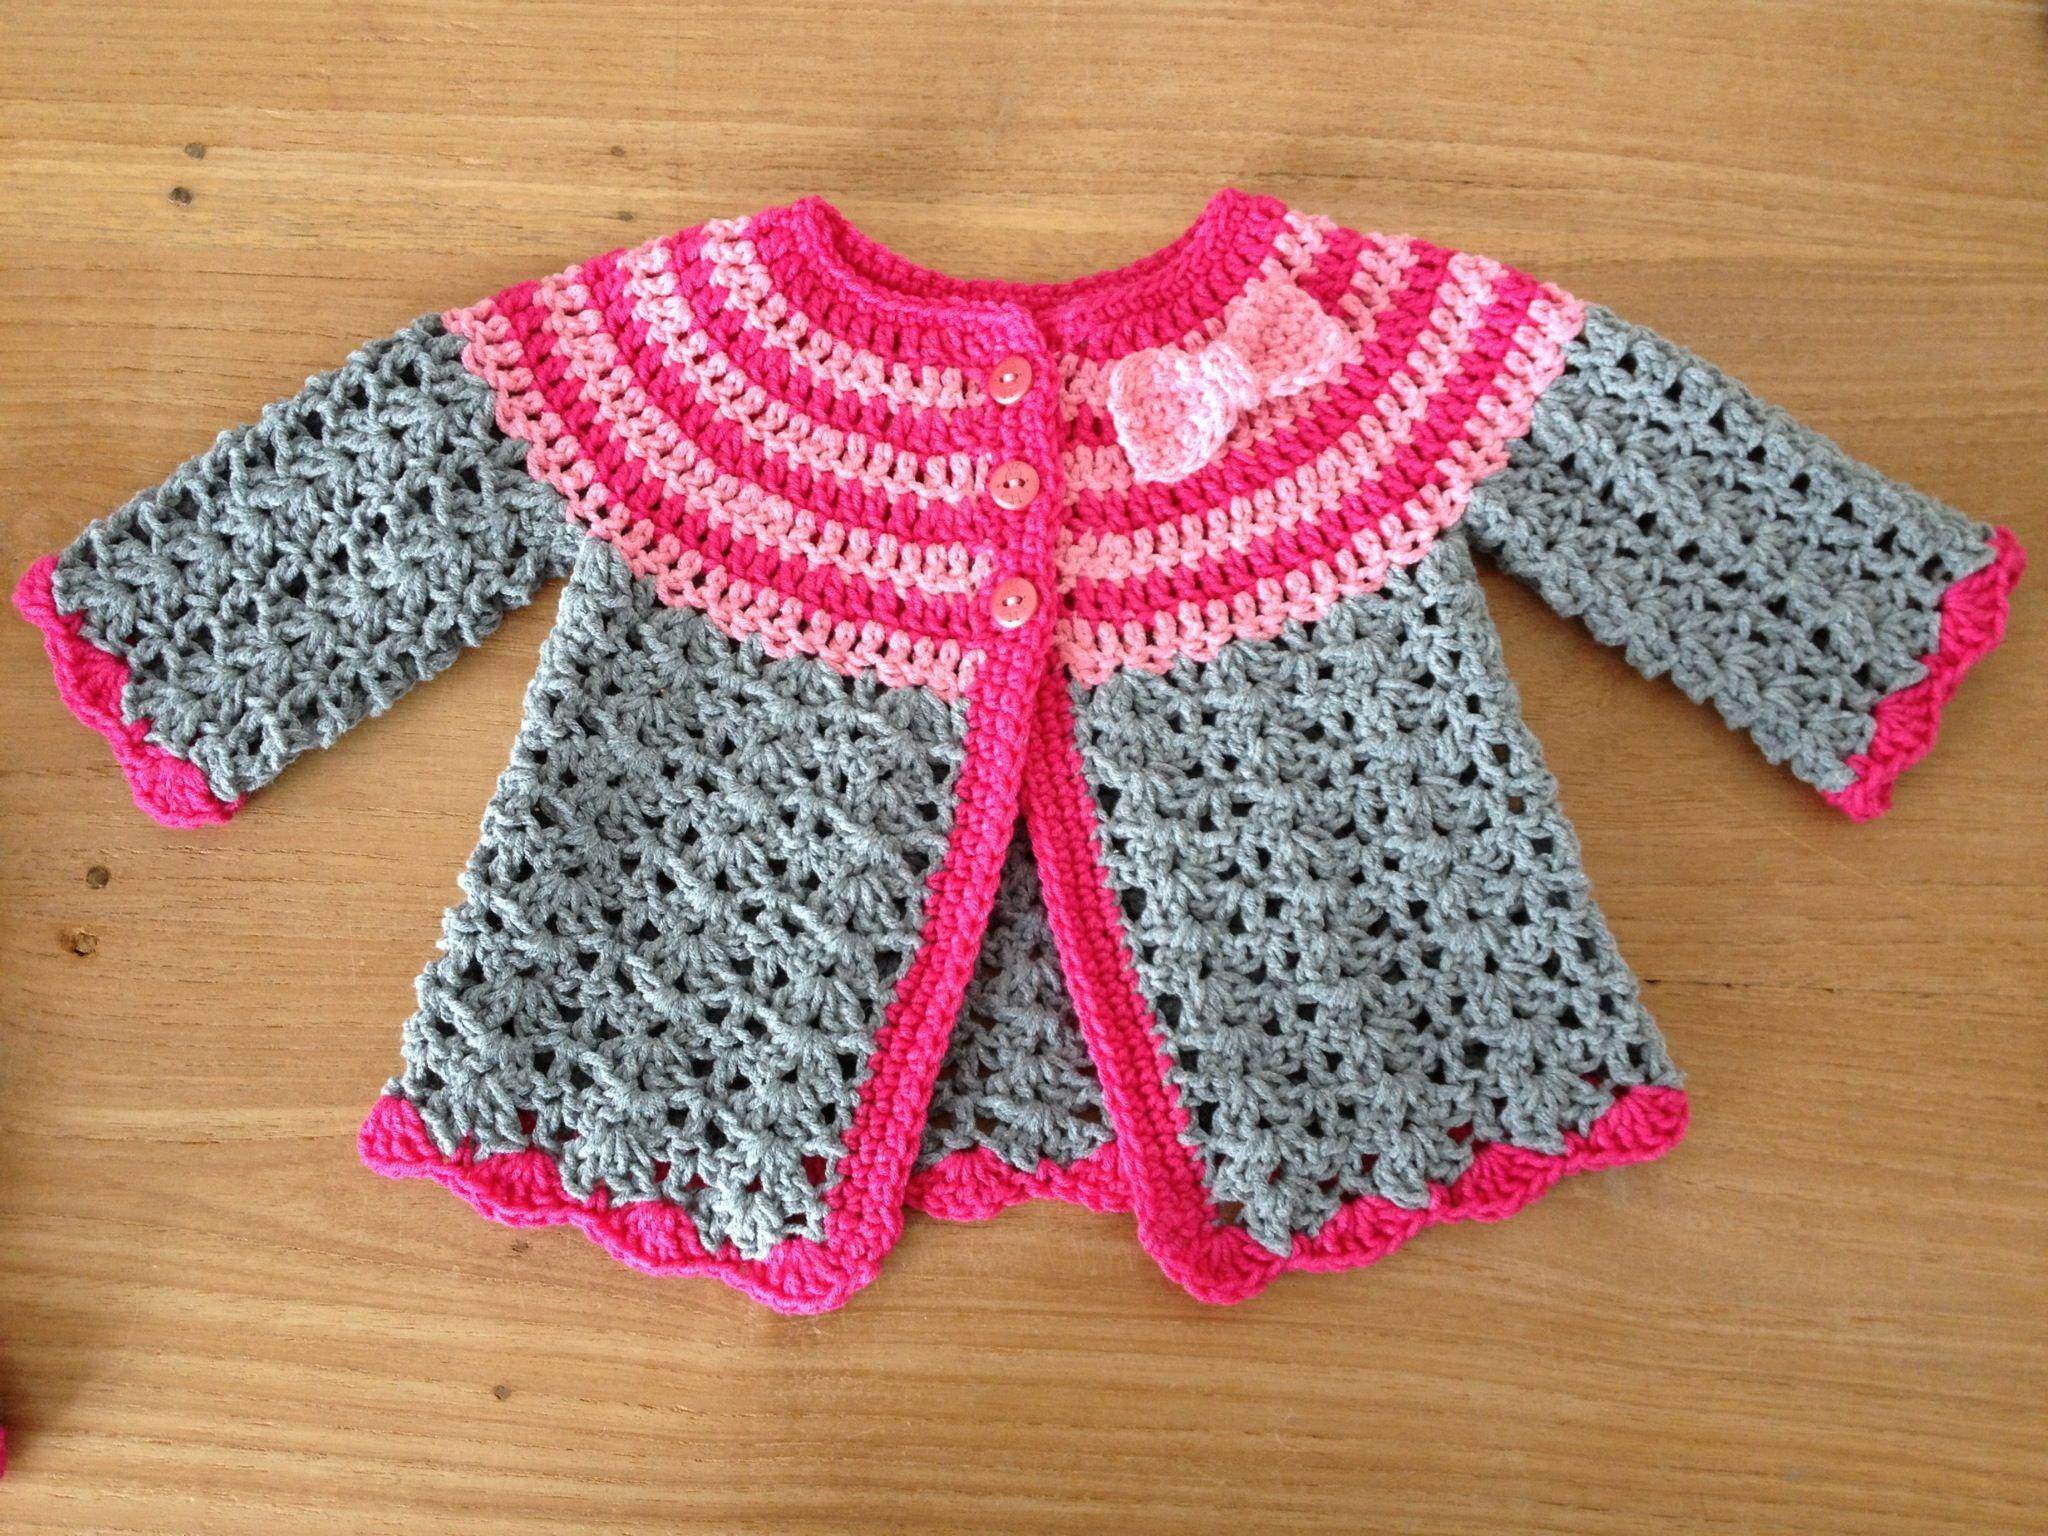 Vestje Voor Baby Maud Háčkování Pinterest Babies Crochet And